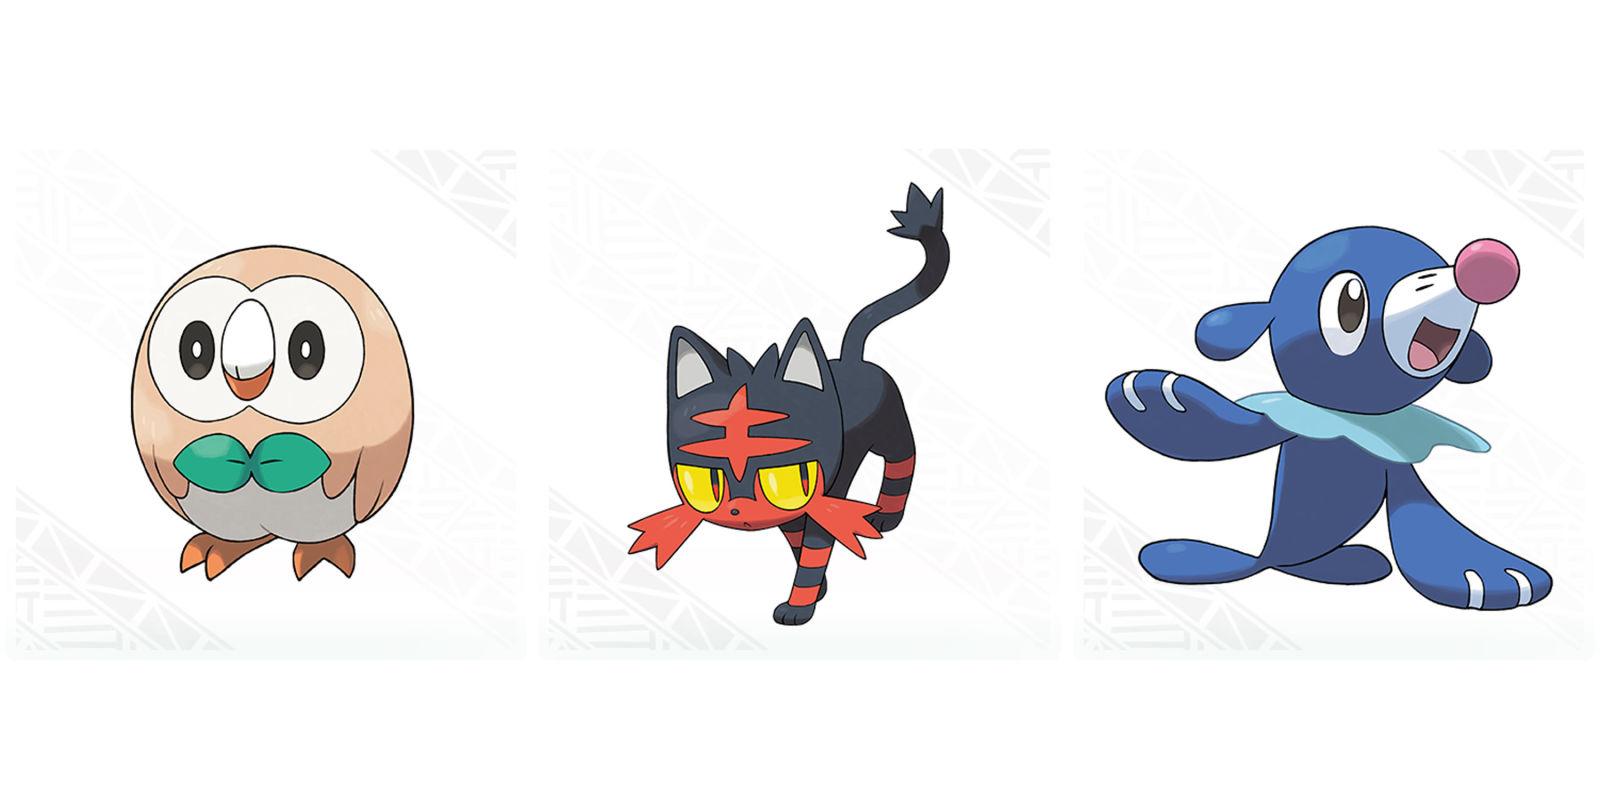 Triipy clipart pokemon And Rowlet Popplio Pokémon Starter